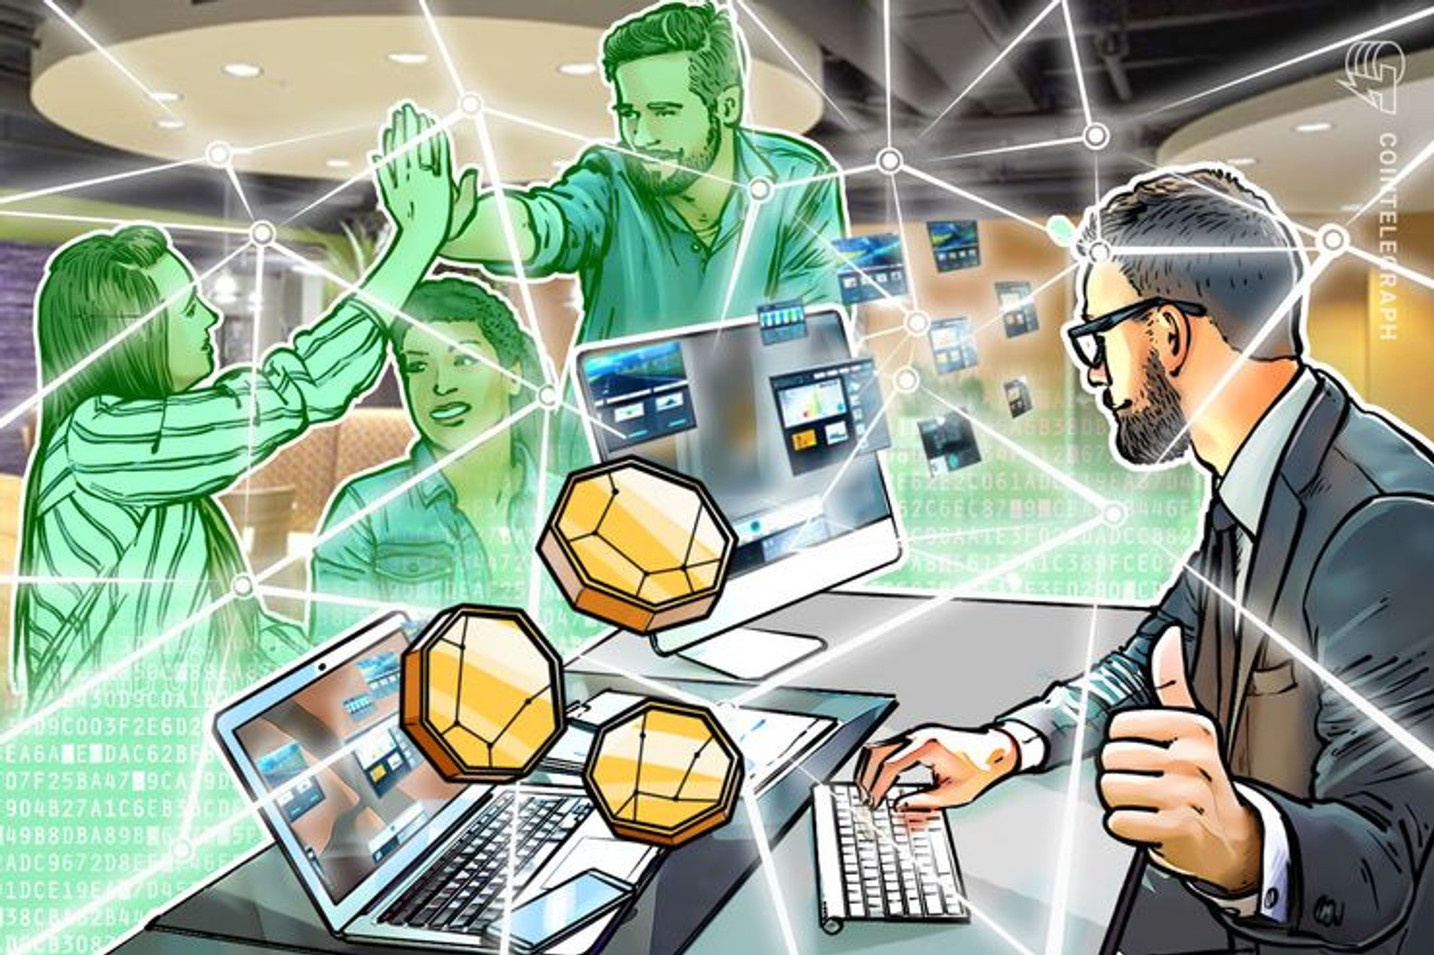 Investimento em startups brasileiras, incluindo blockchain, movimentou US$ 180 milhões em outubro, diz estudo